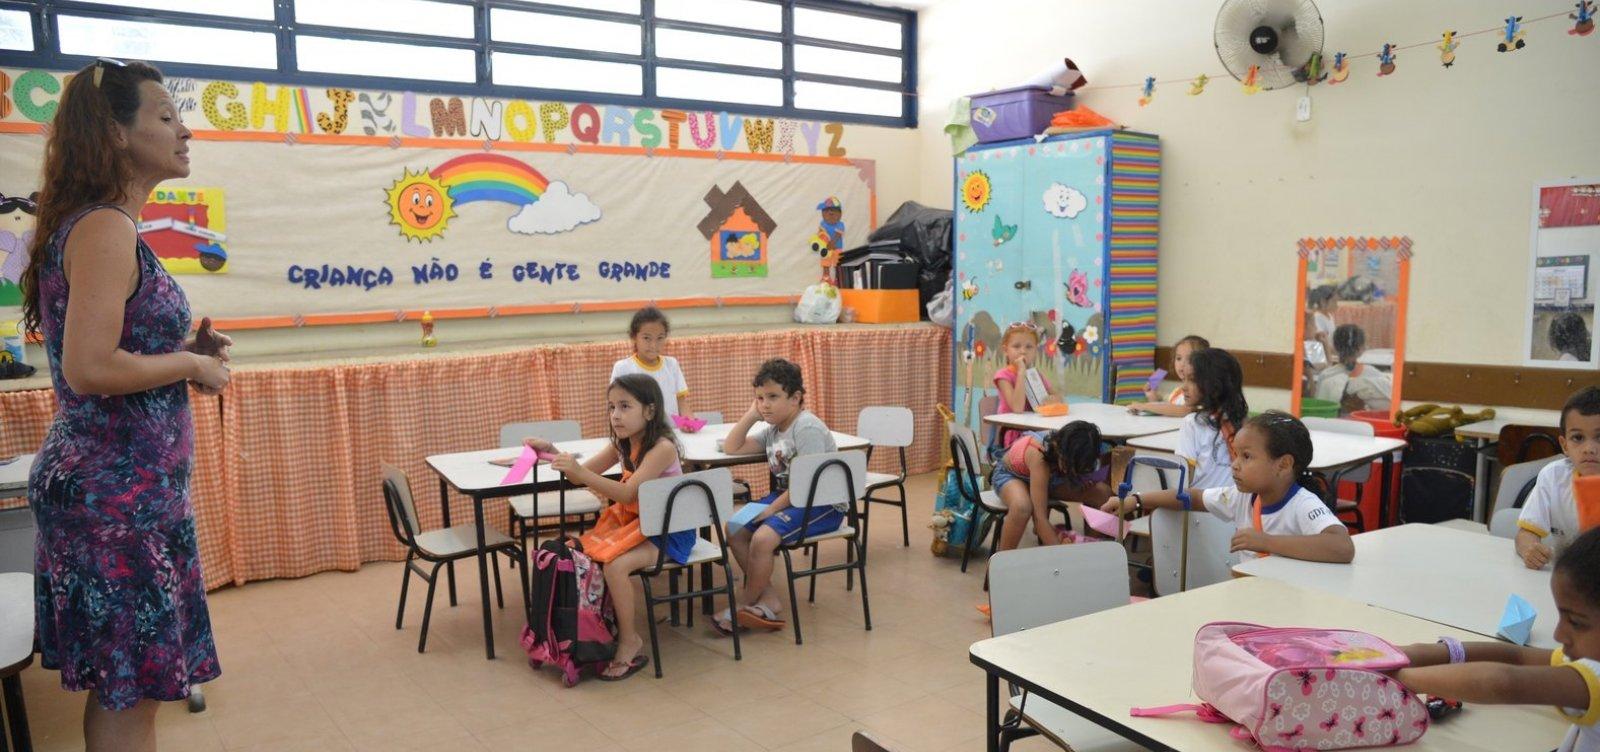 Grupo militar muda decreto de alfabetização do MEC